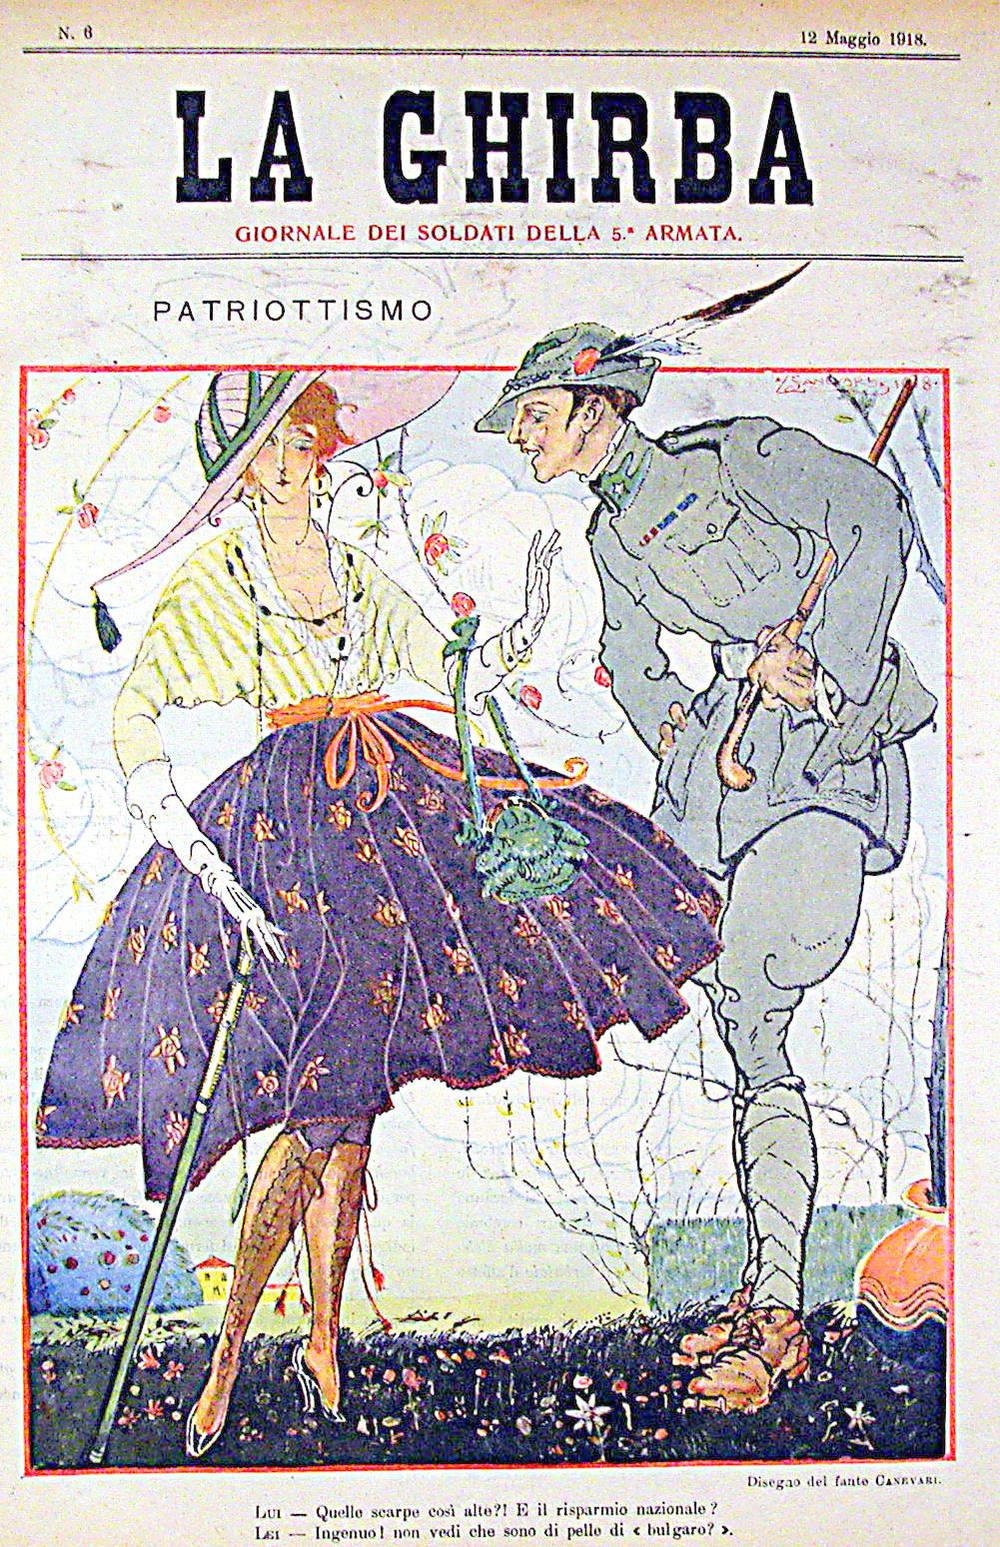 La Ghirba n 6 - 12 maggio 1918 per Archivio Dal Molin.jpg